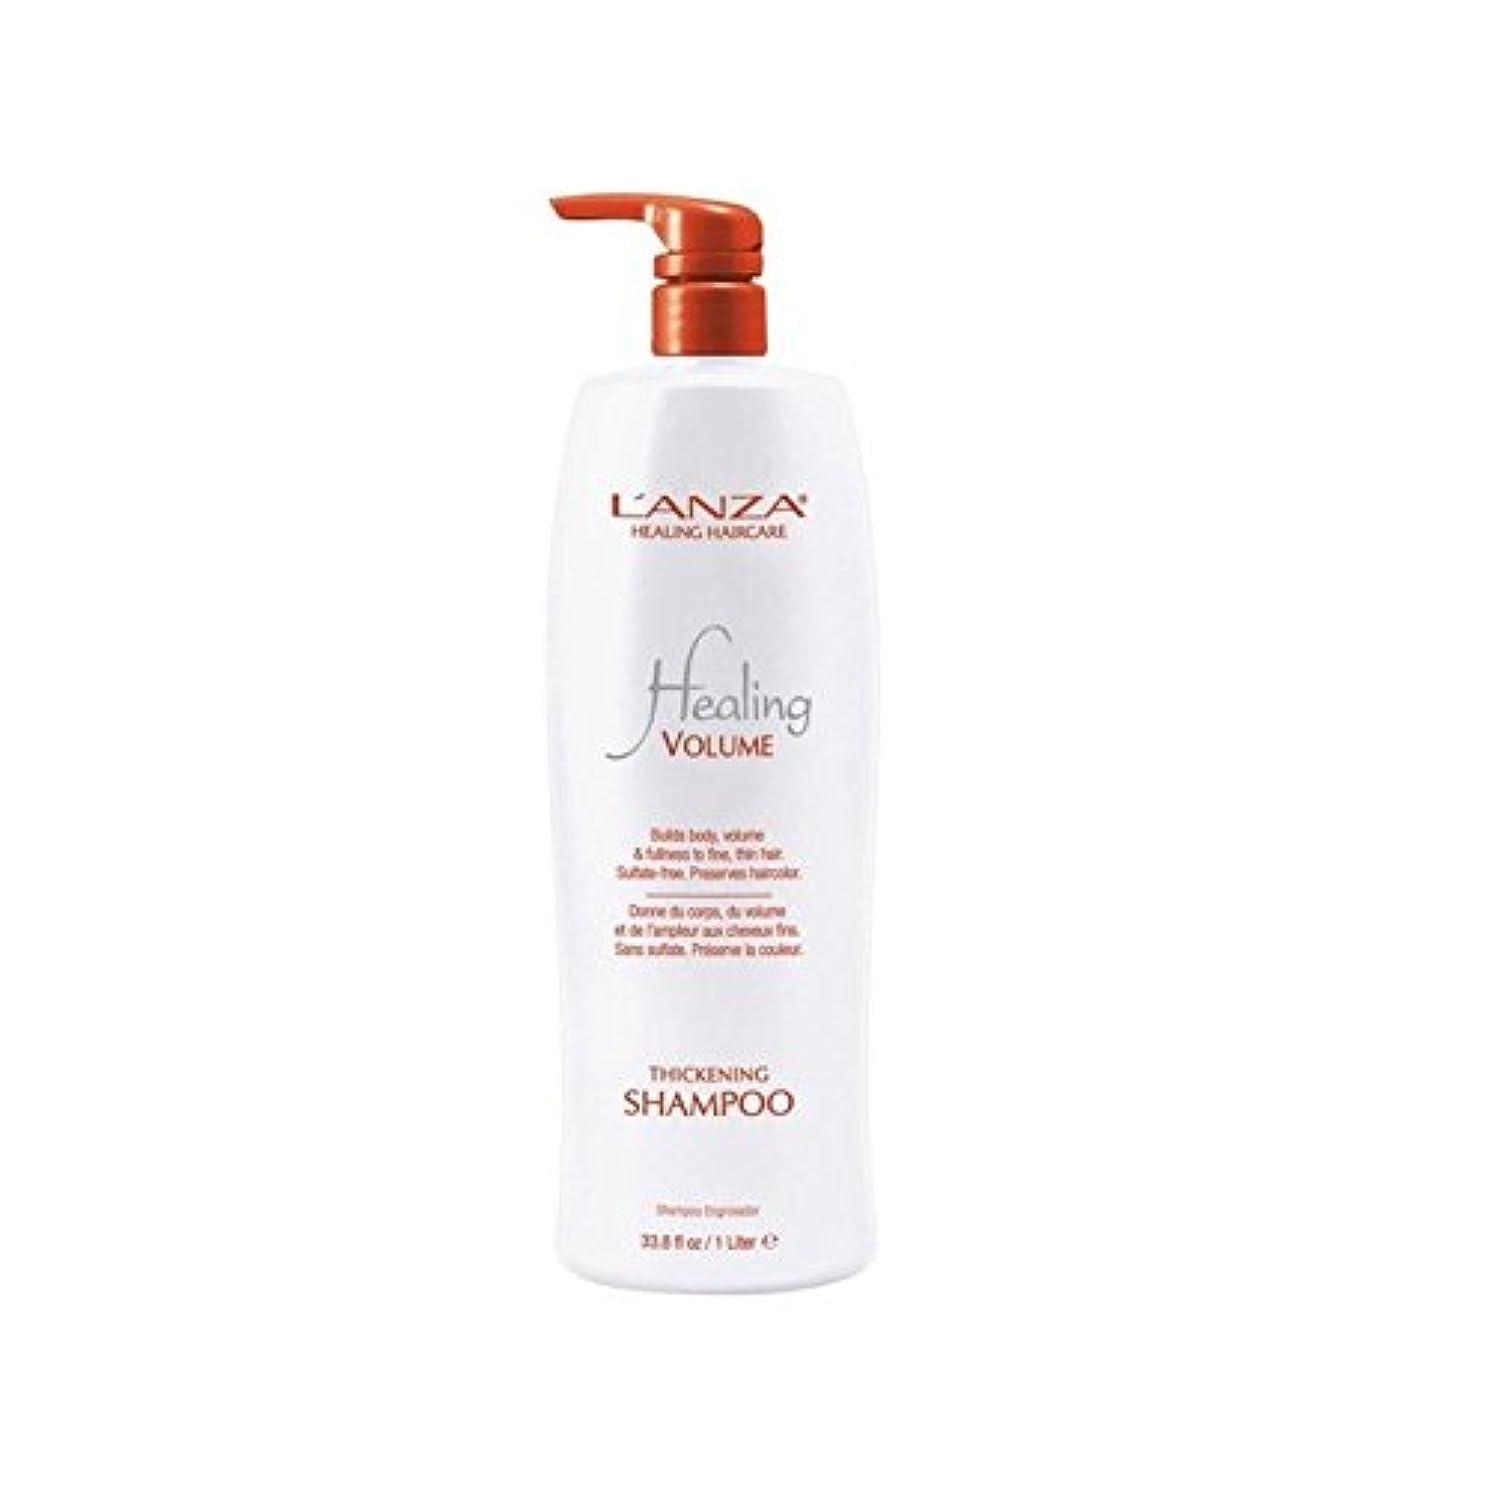 ぺディカブ唇なのでランツァ癒しのボリューム肥厚シャンプー(千ミリリットル) x4 - Lanza Healing Volume Thickening Shampoo (1000ml) (Pack of 4) [並行輸入品]